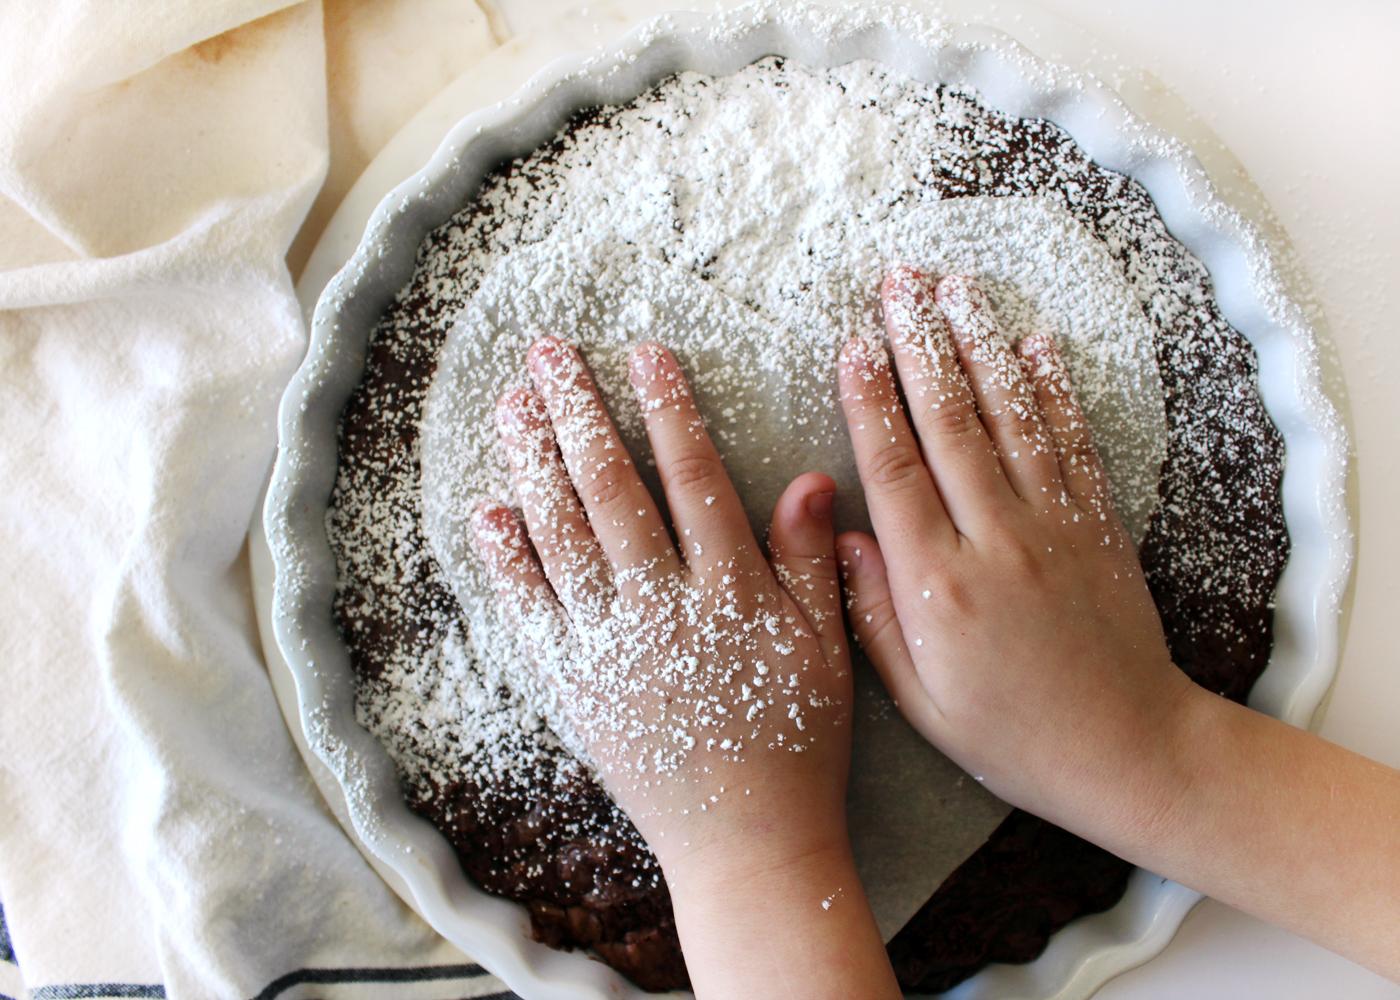 sprinkle powdered sugar